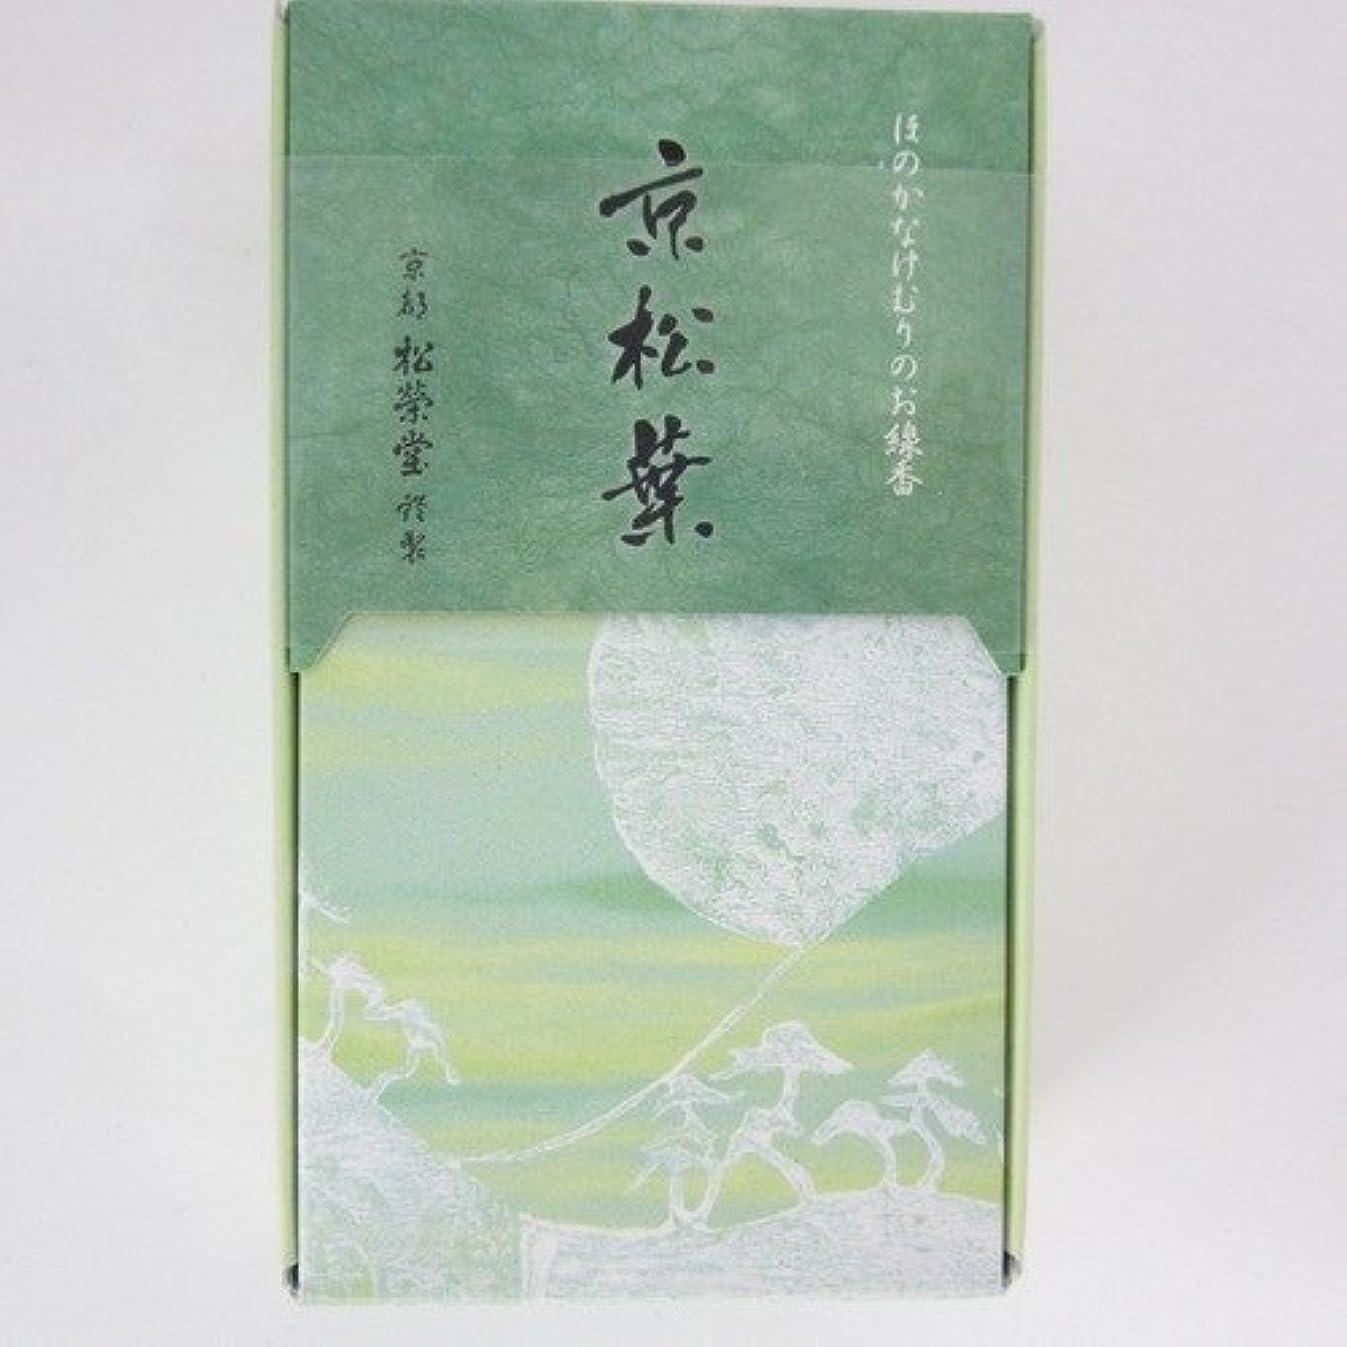 植木騒ぎマオリ松栄堂 玉響シリーズ お香 京松葉 45g